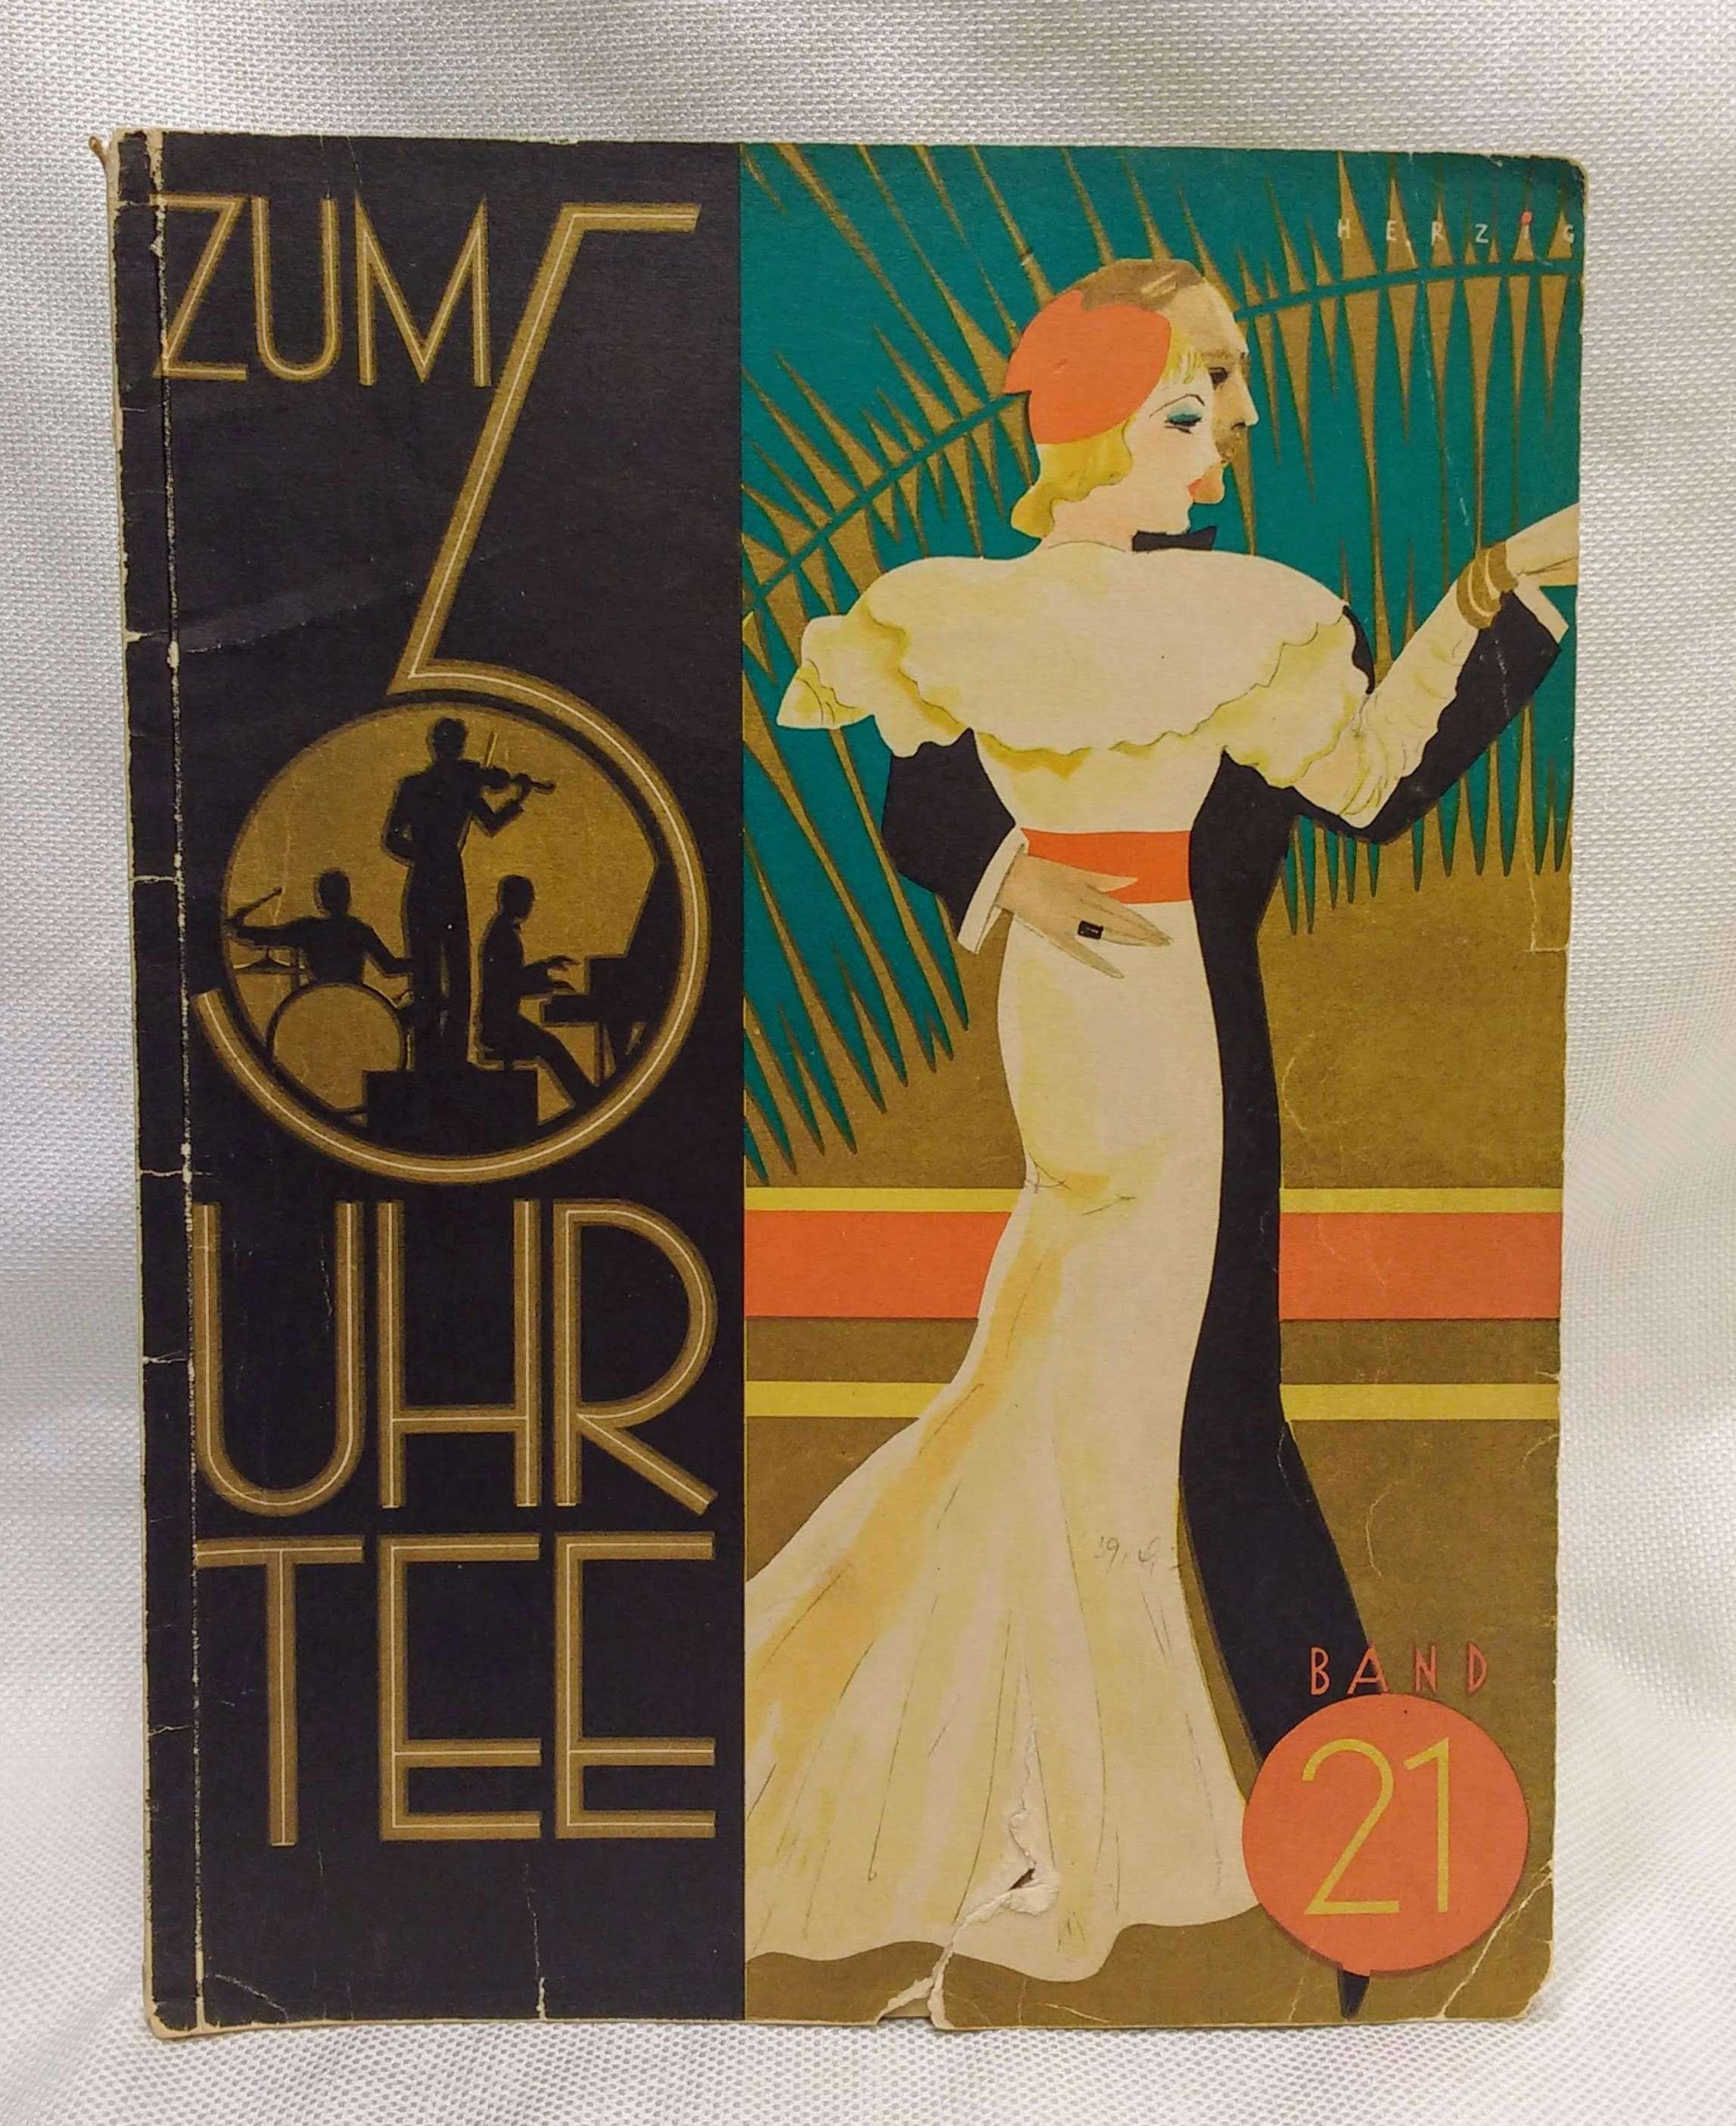 Image for [music] Zum Uhr Tee Band 21 22 Der Bekanntesten Tonfilm-Und Tanz-Schlager